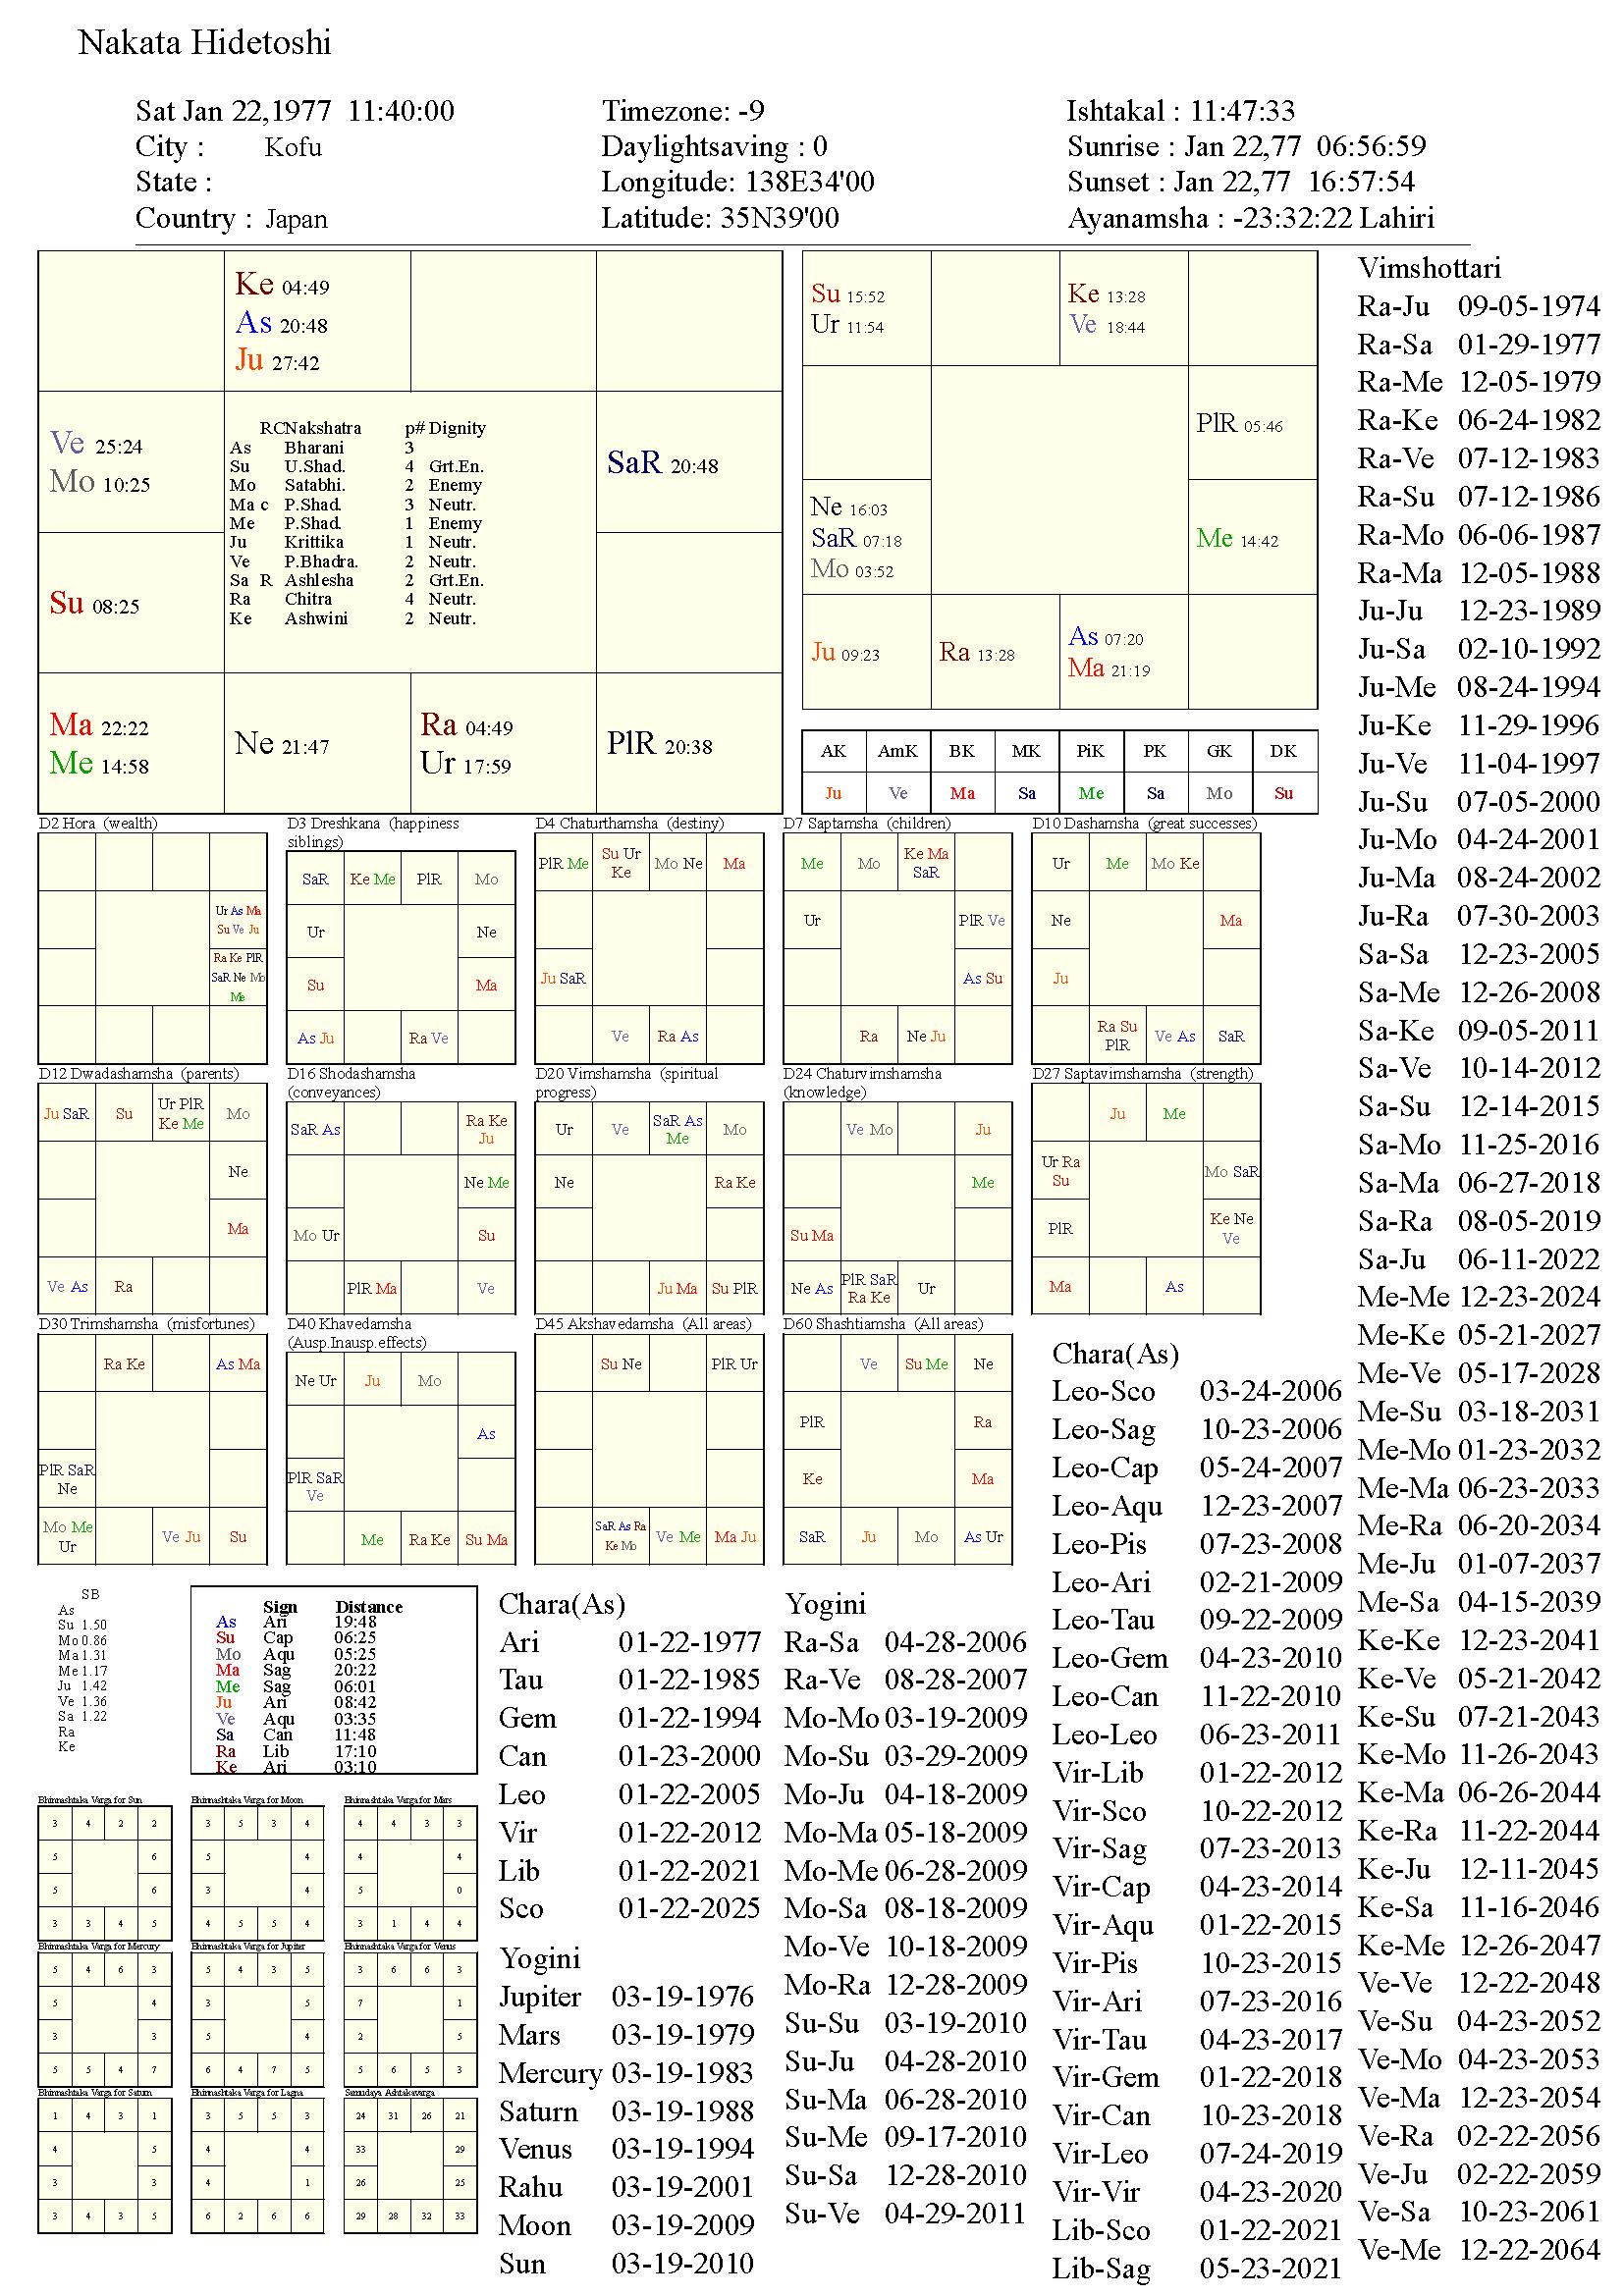 nakatahidetoshi_chart